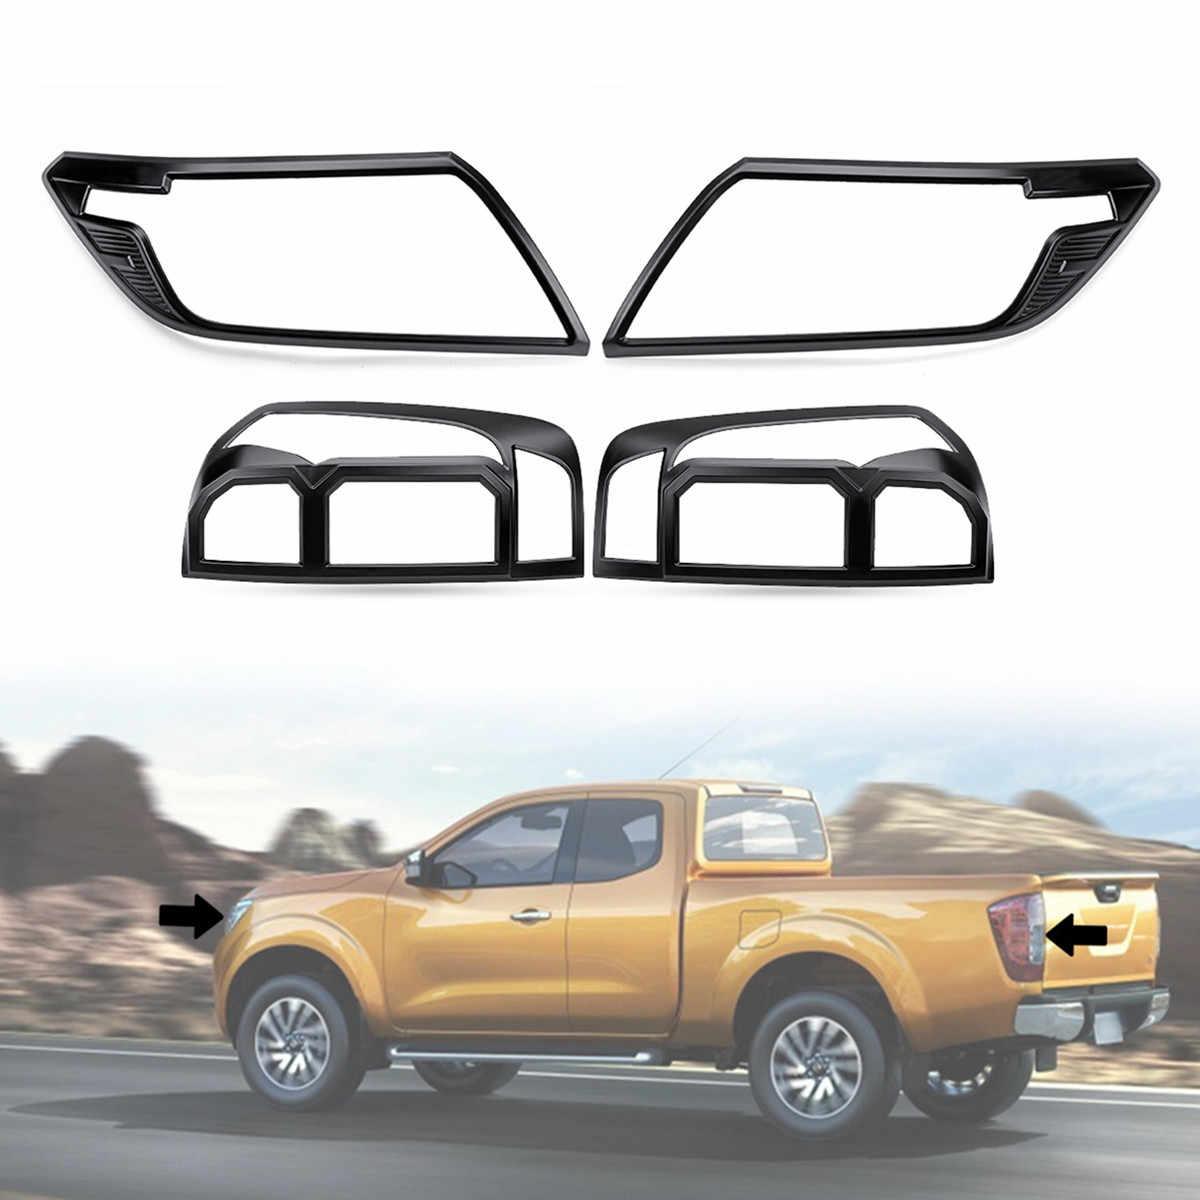 ABS Front Staart Achter Licht Lamp Cover Trim Voor Nissan Navara NP300 2015-2019 Bescherm Uw Lampen Verbeteren de grade Charmante Uitstraling